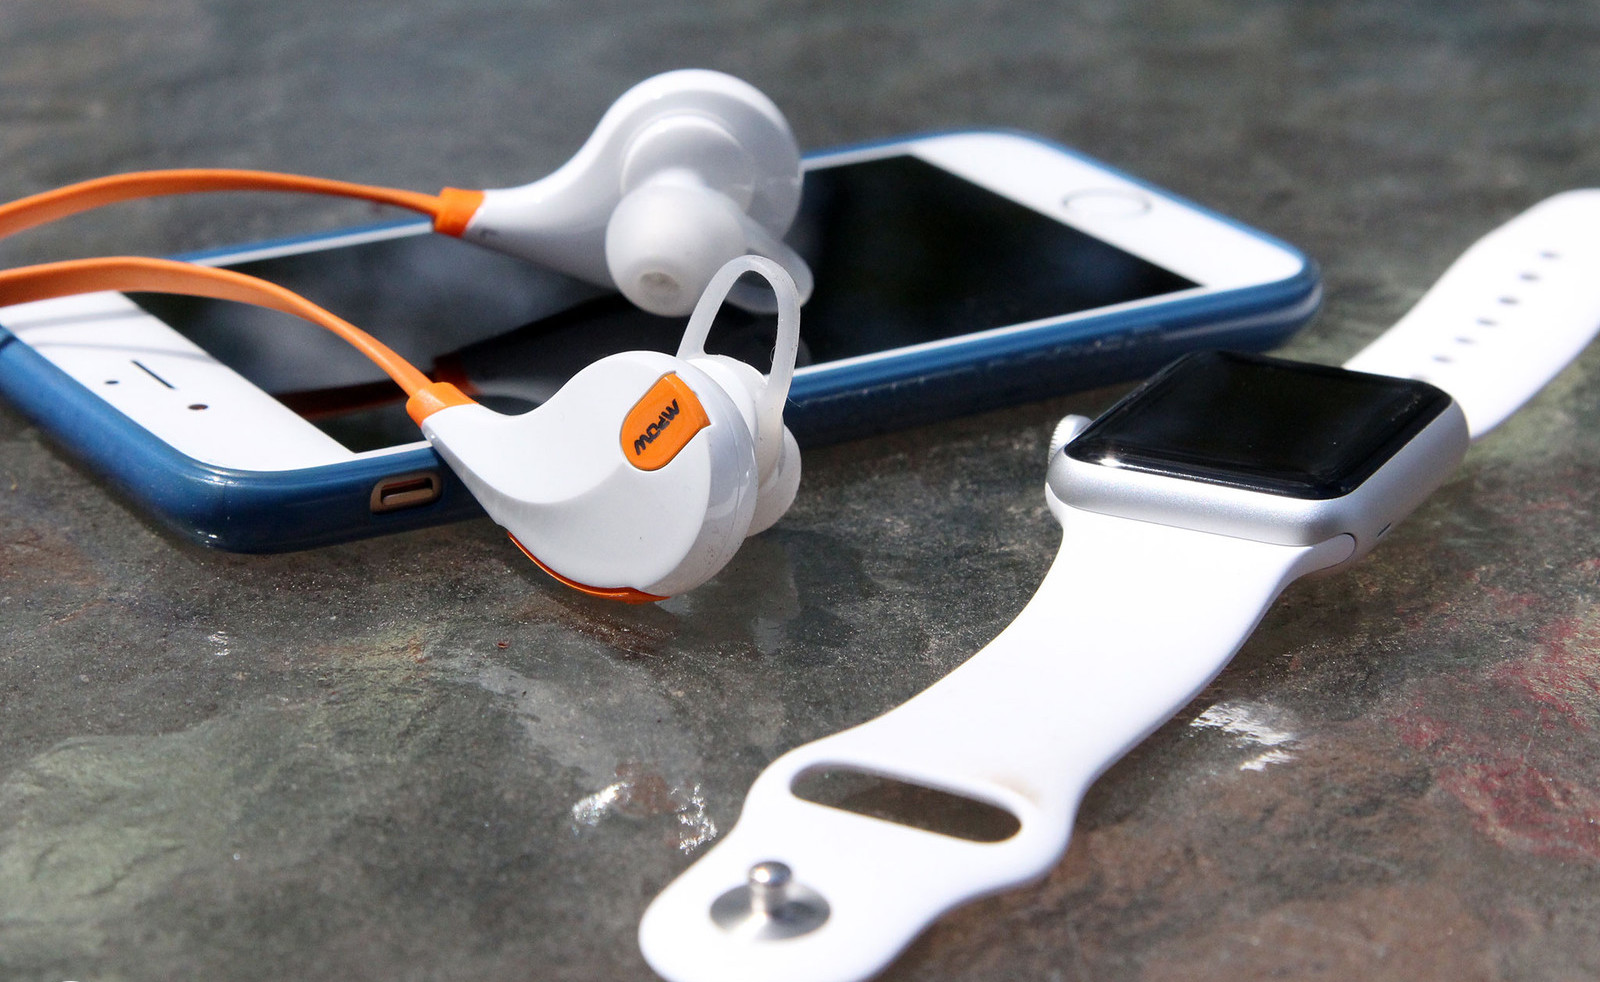 Владельцы iPhone приготовились к исчезновению аудиоразъема